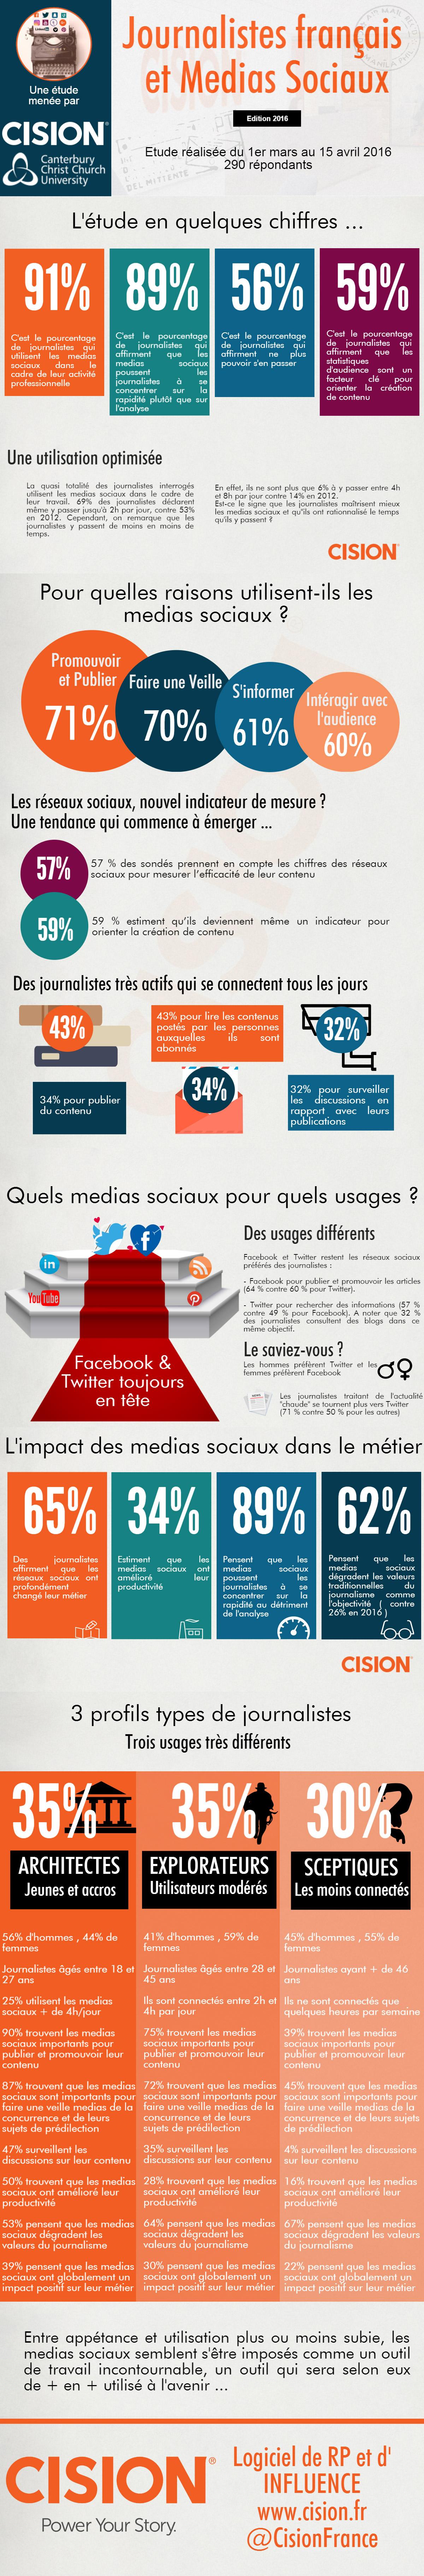 Cision Infographie Journalistes Réseaux Sociaux